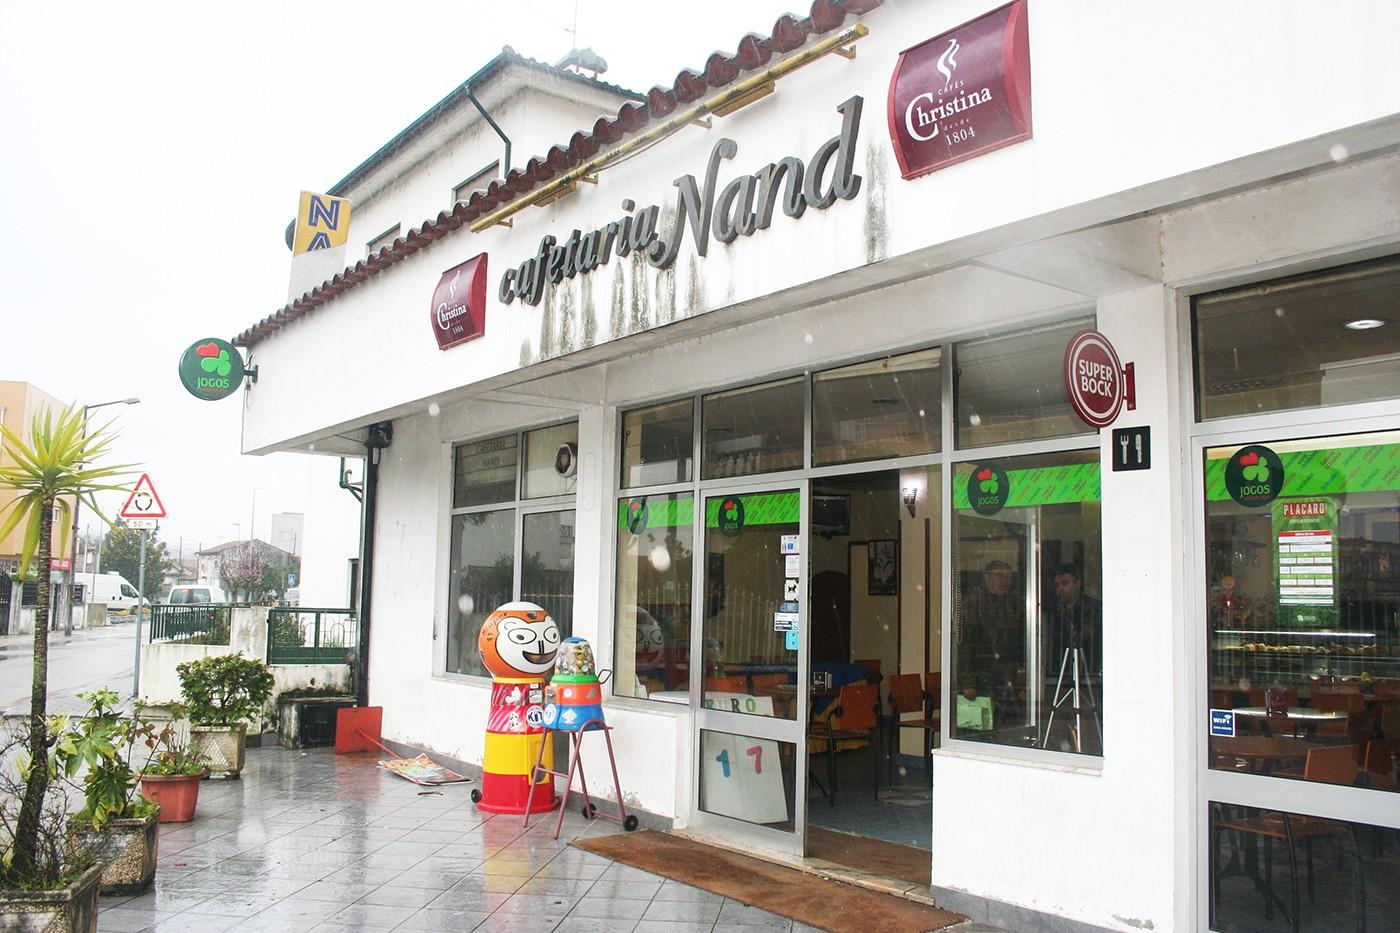 Cafetaria Nand